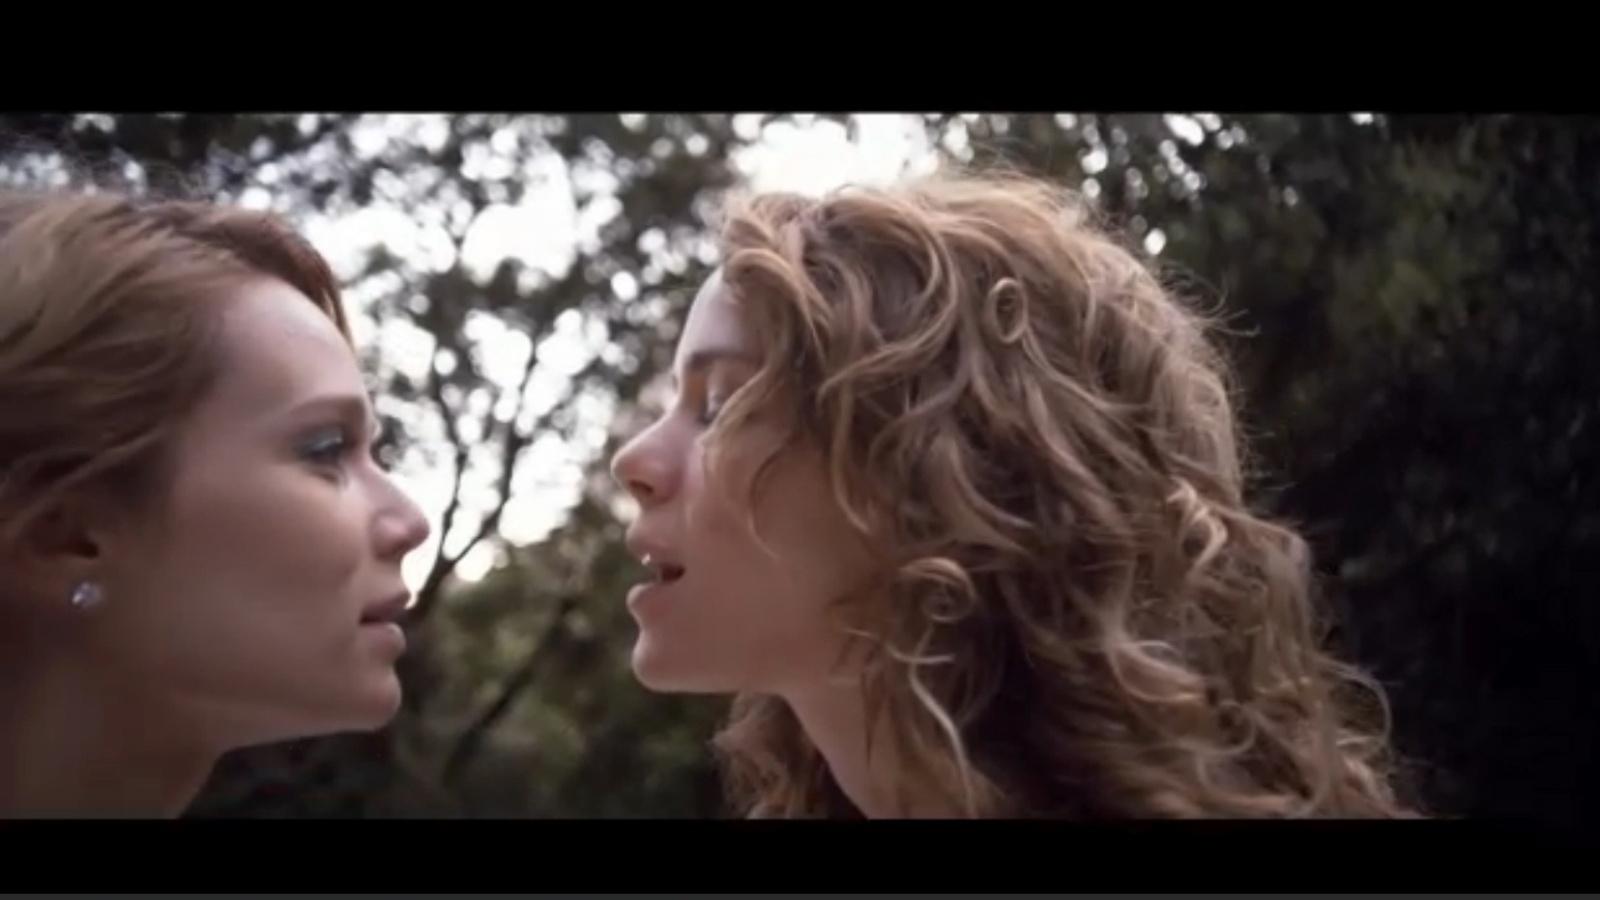 Mariana Ximenes e Leandra Leal interpretarão cenas quentes em